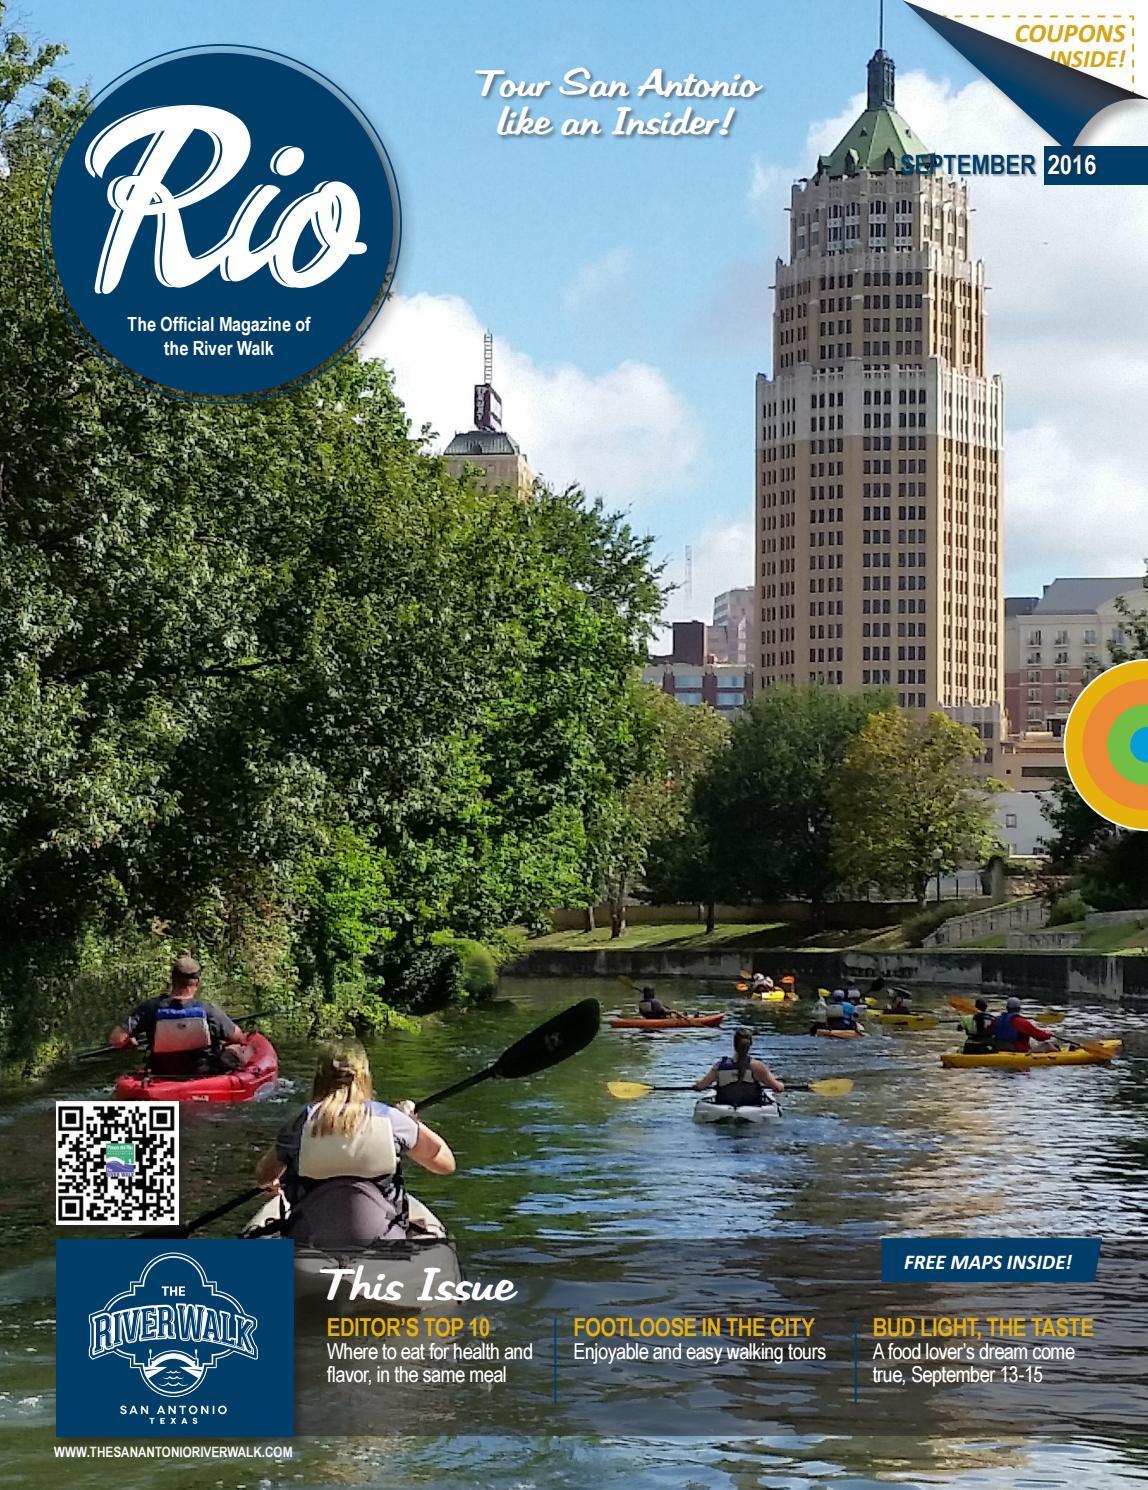 rio magazine september 2016 by traveling blender - issuu